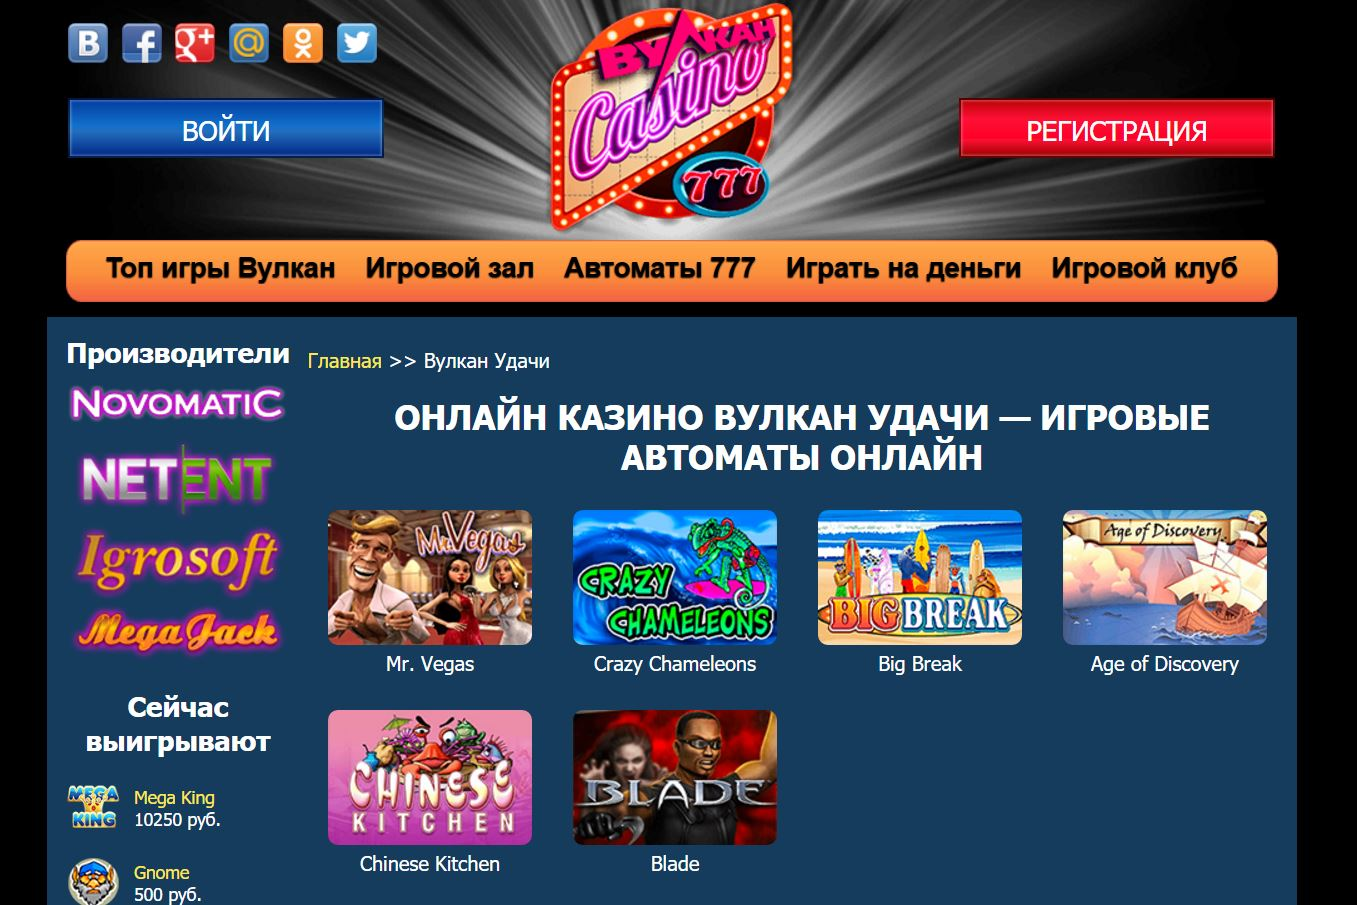 Игровые автоматы Вулкан Удачи: разнообразные развлечения для любителей азарта